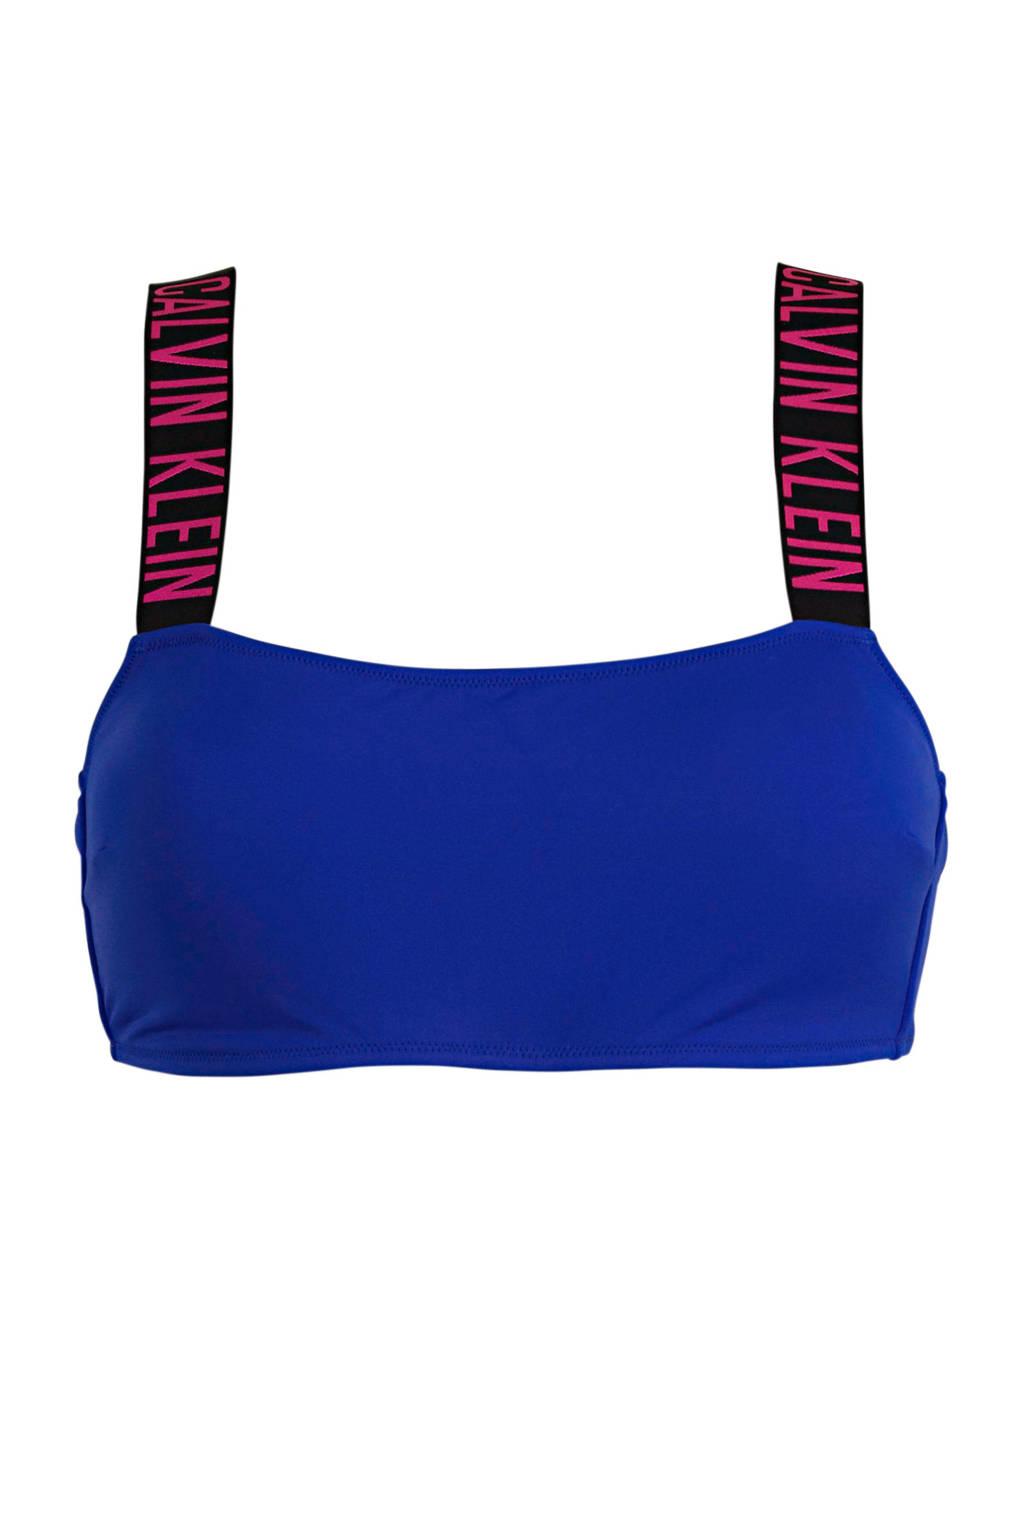 CALVIN KLEIN bandeau bikinitop blauw, Blauw